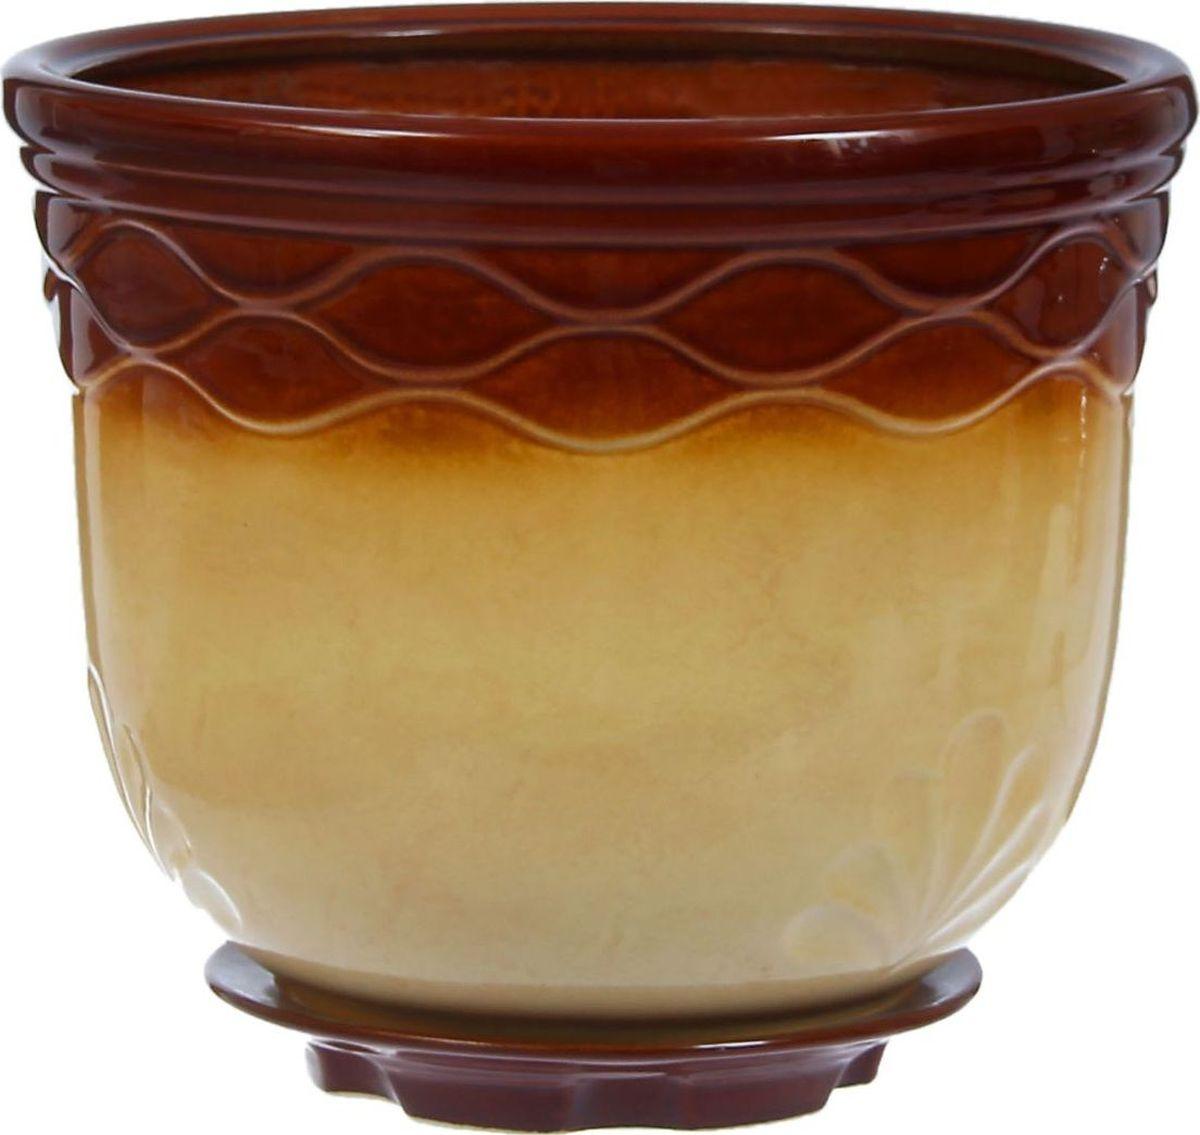 Кашпо Неон, цвет: бежевый, коричневый, 11 л1304612